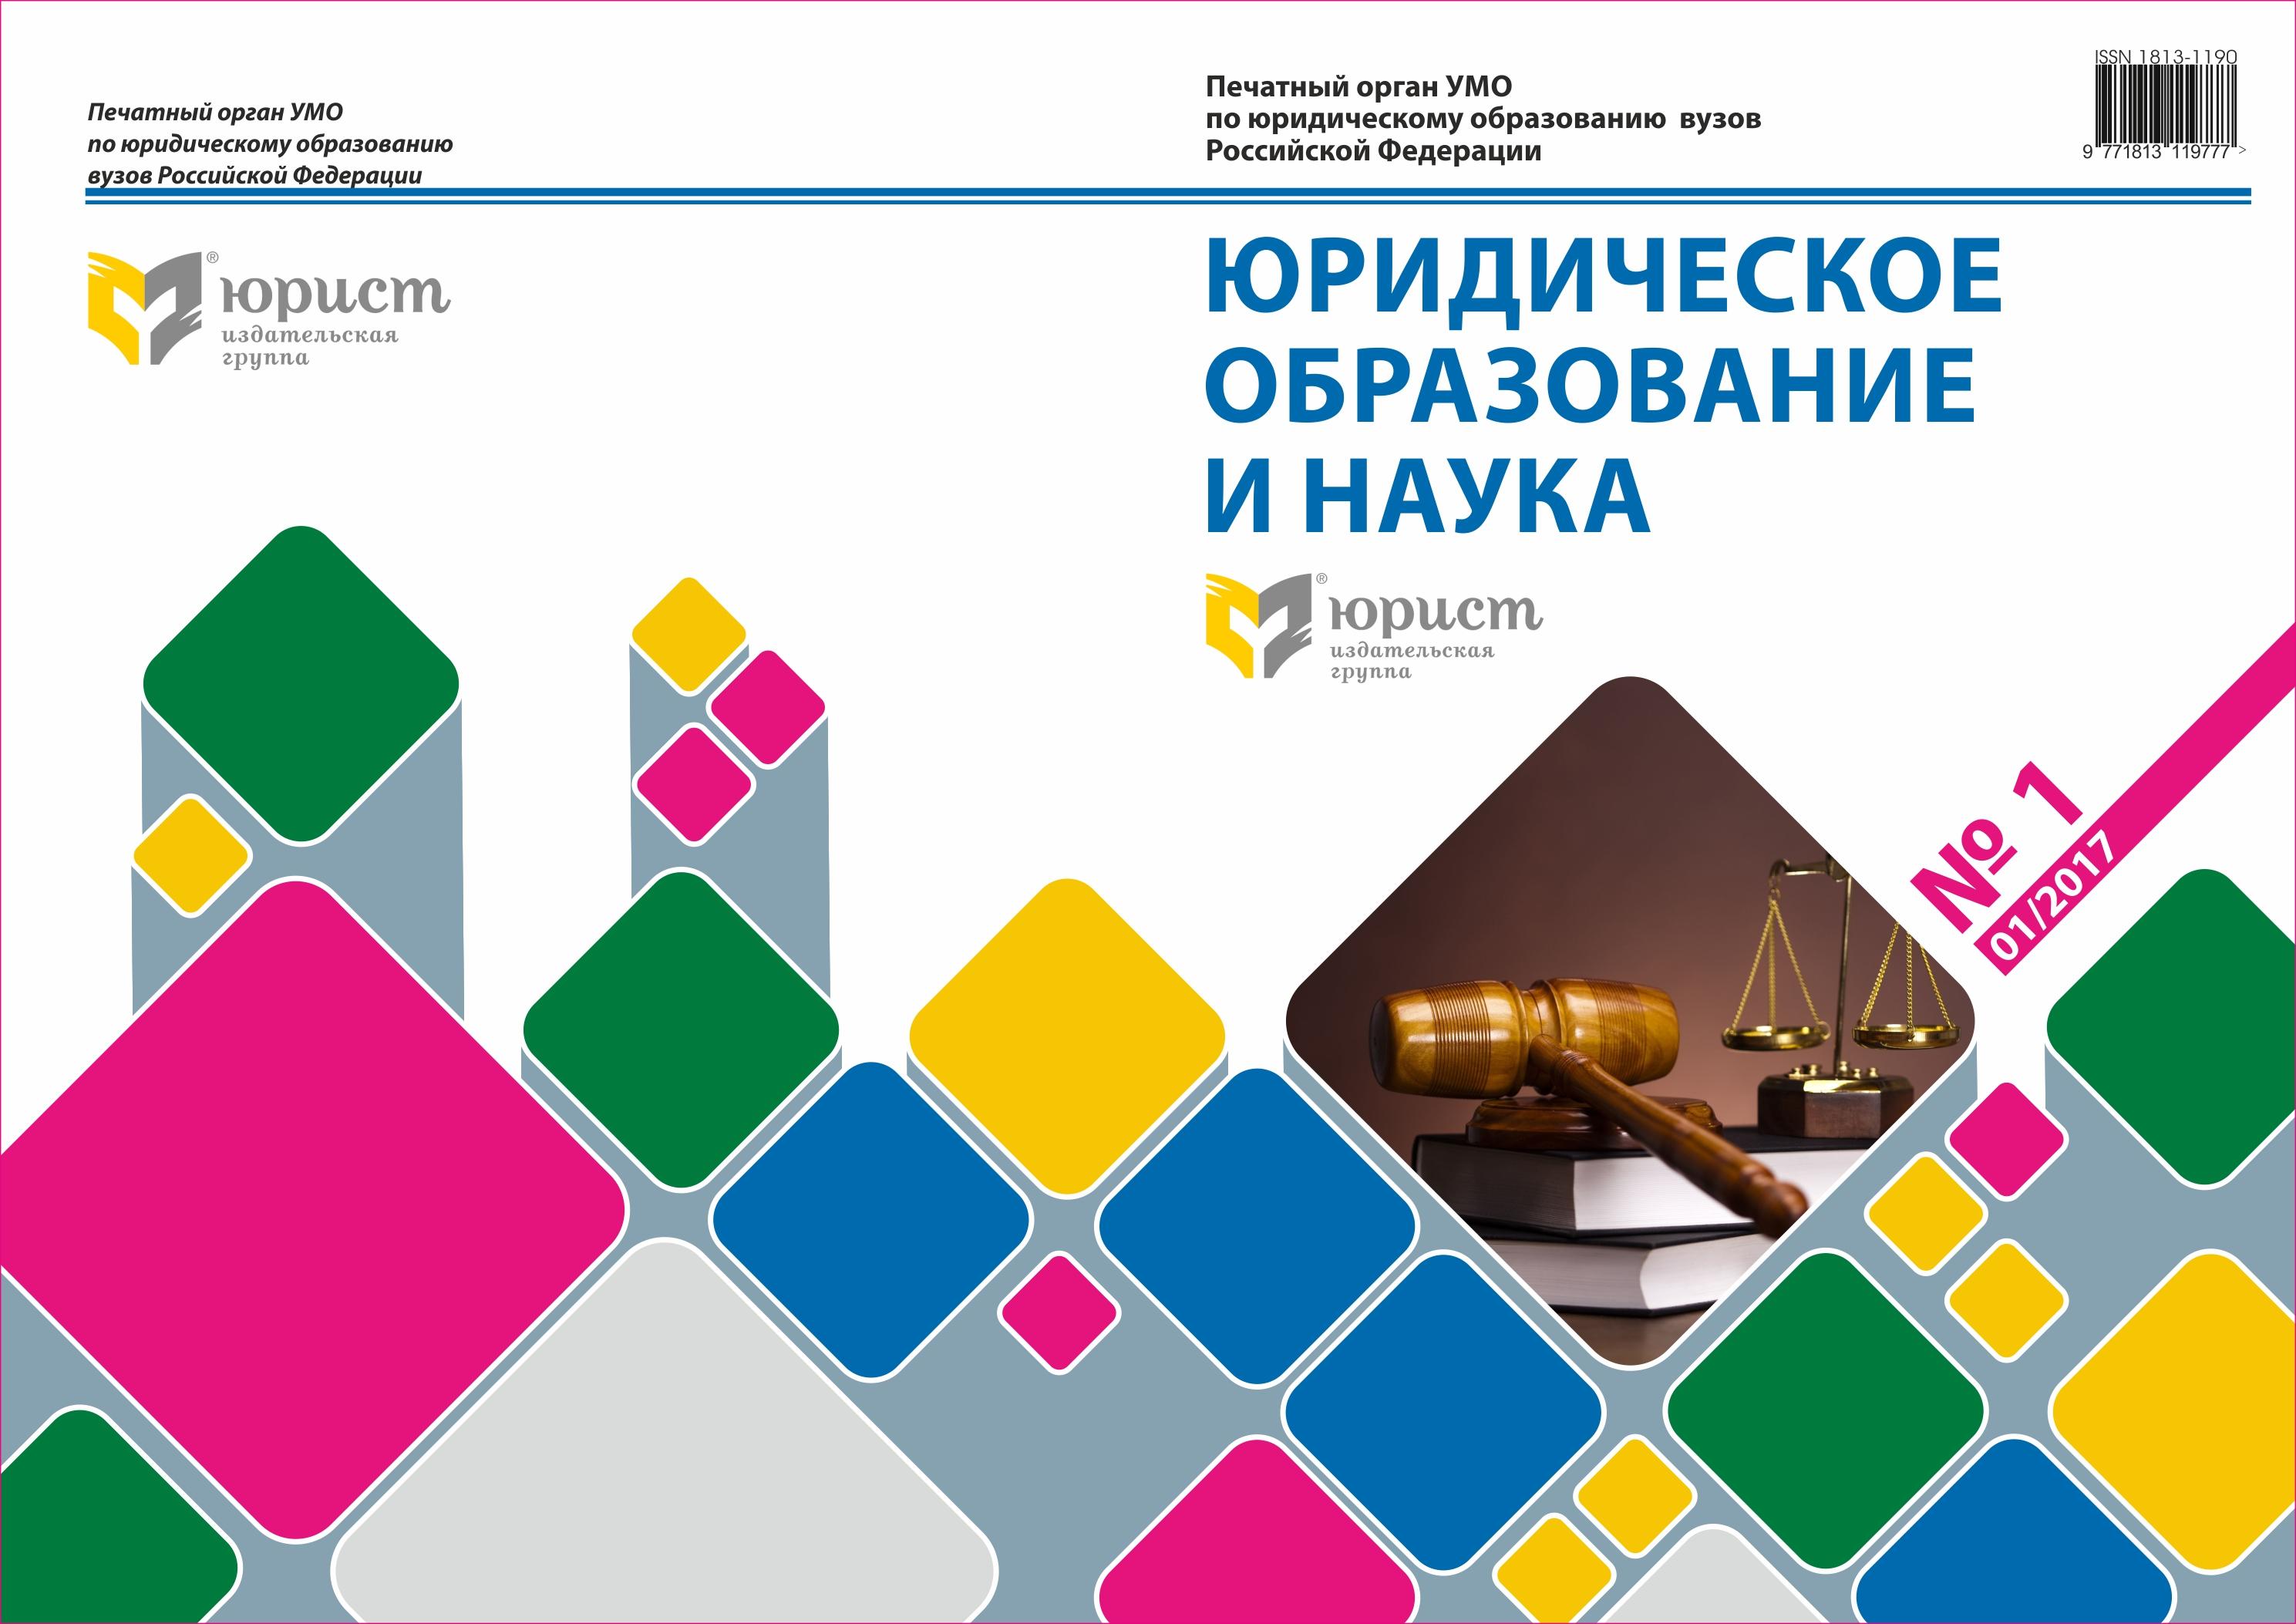 """Конкурс """"Юридическое образование и наука"""" фото f_227586cc63c53e8a.jpg"""